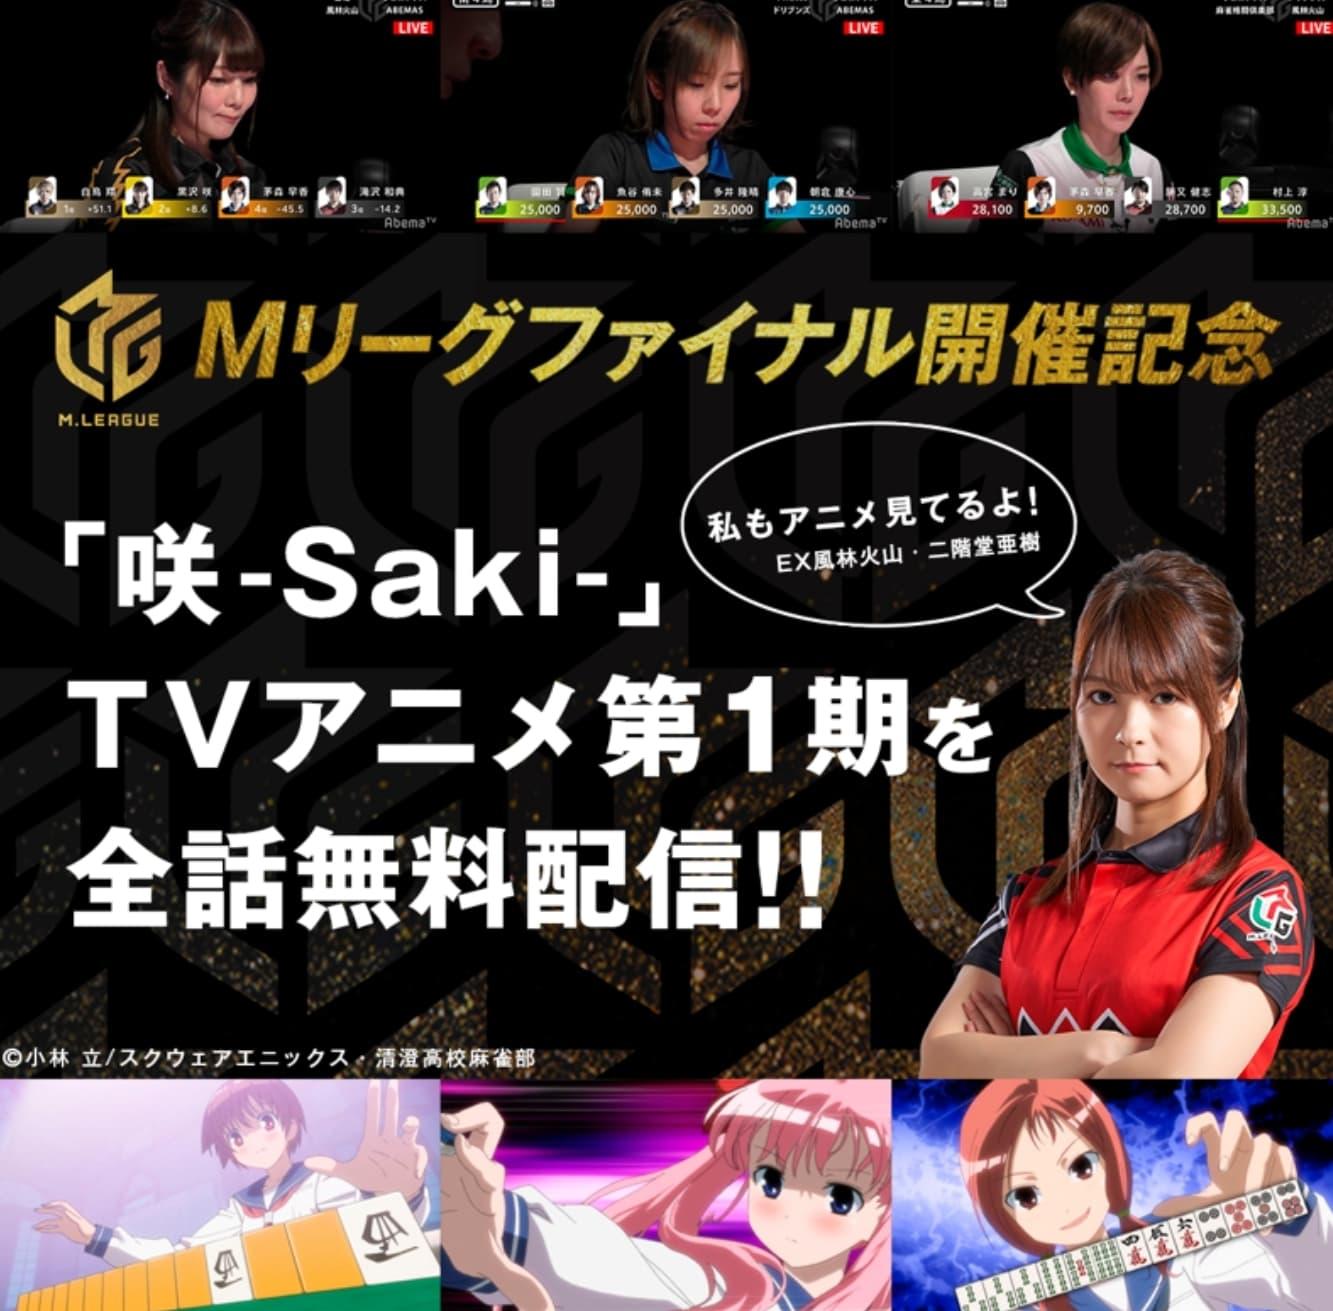 アニメ「咲-Saki-」コラボキャンペーン開催